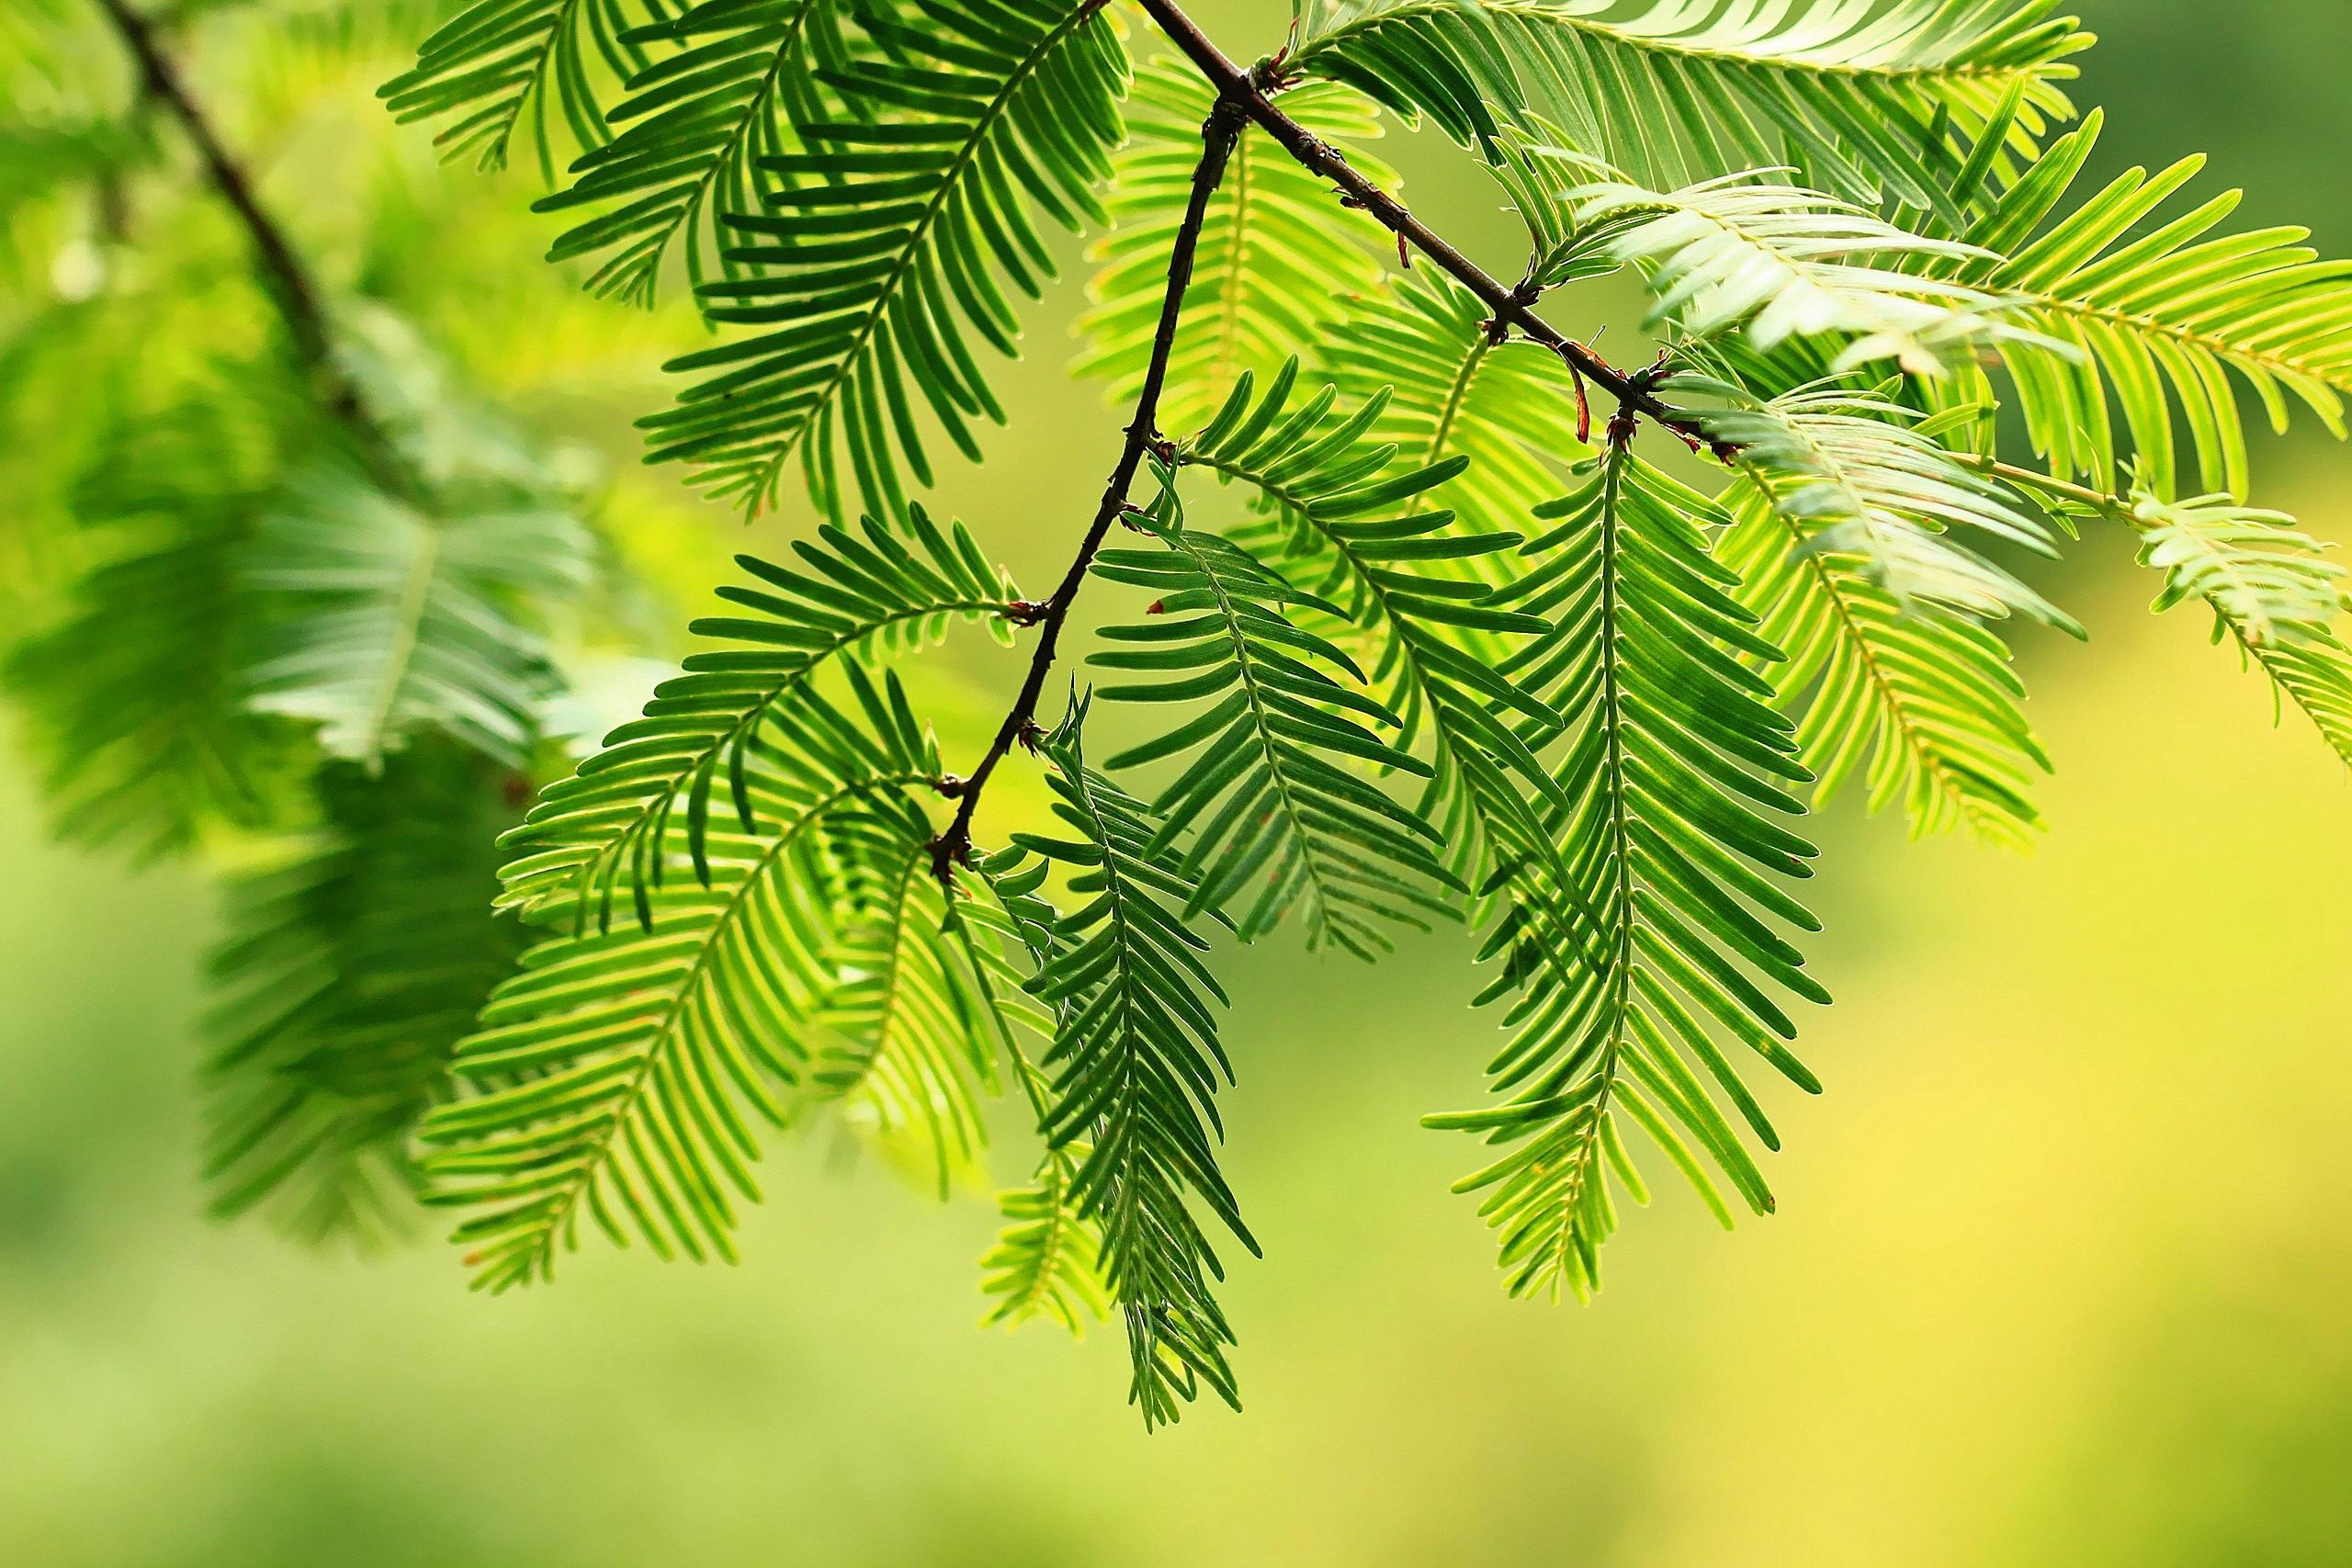 Geliebte Hintergrundbilder : Bäume, Pflanzen, Ast, Tanne, Nadelbaum #SM_71